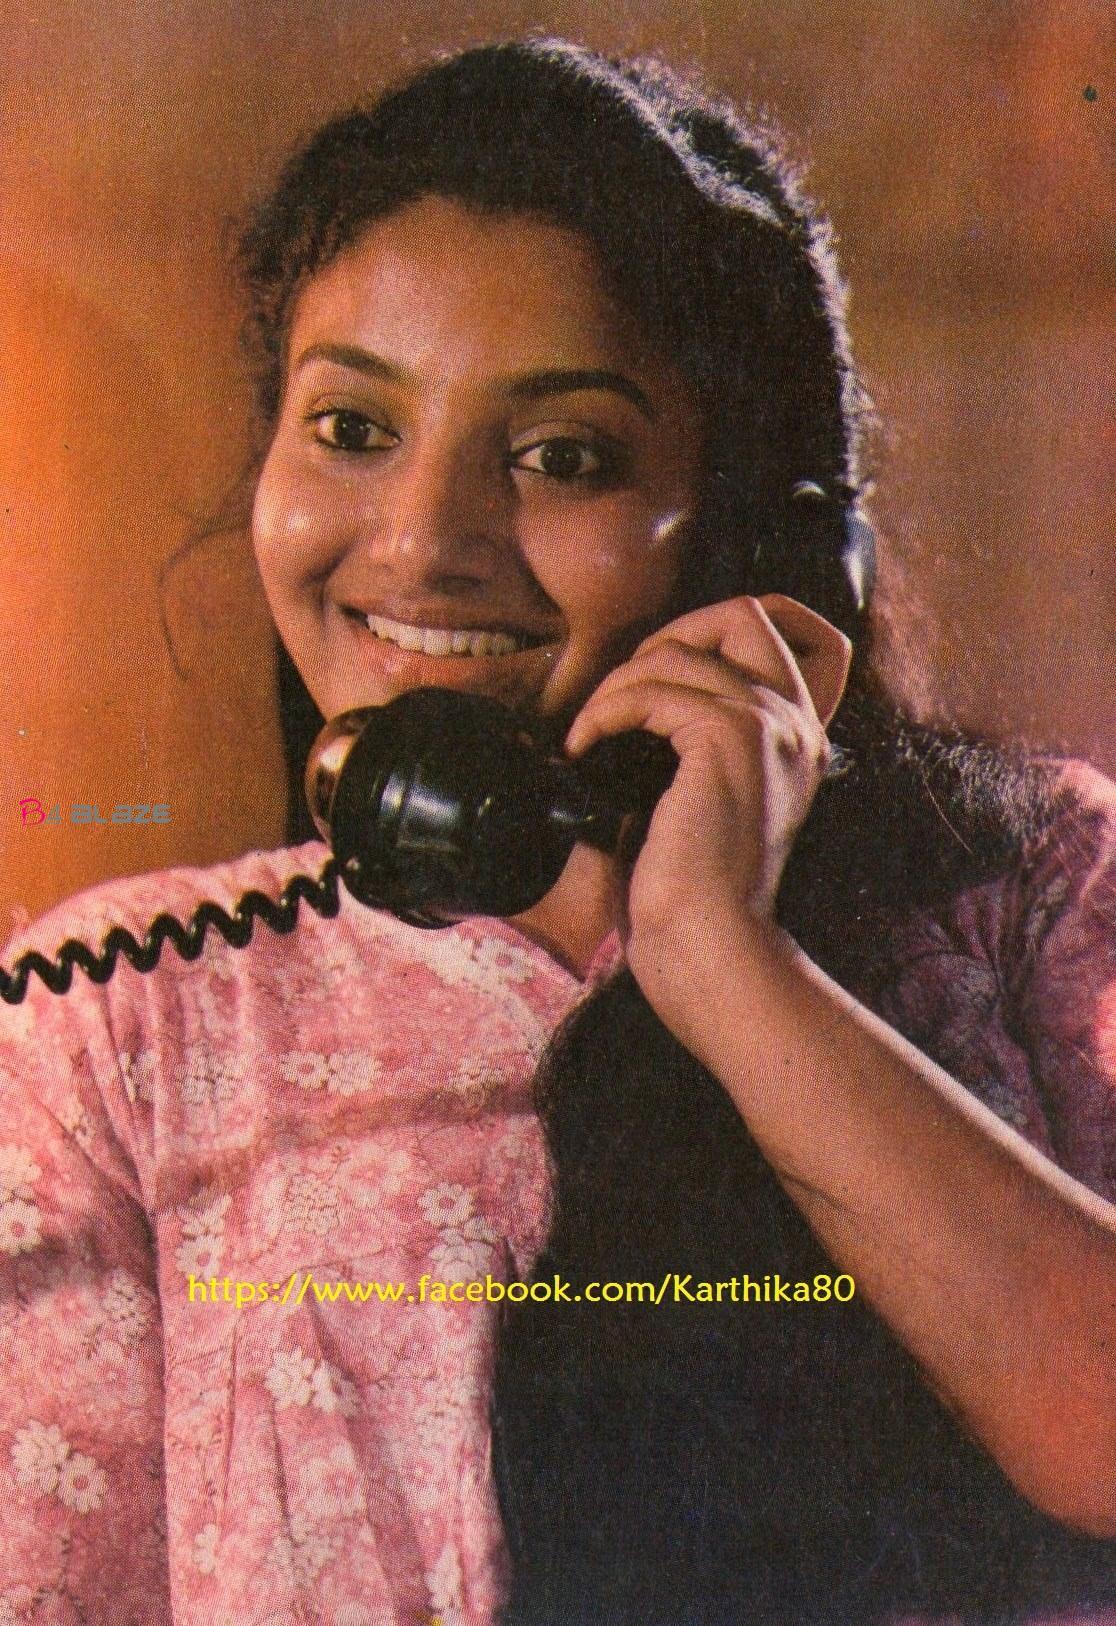 Karthika Biography